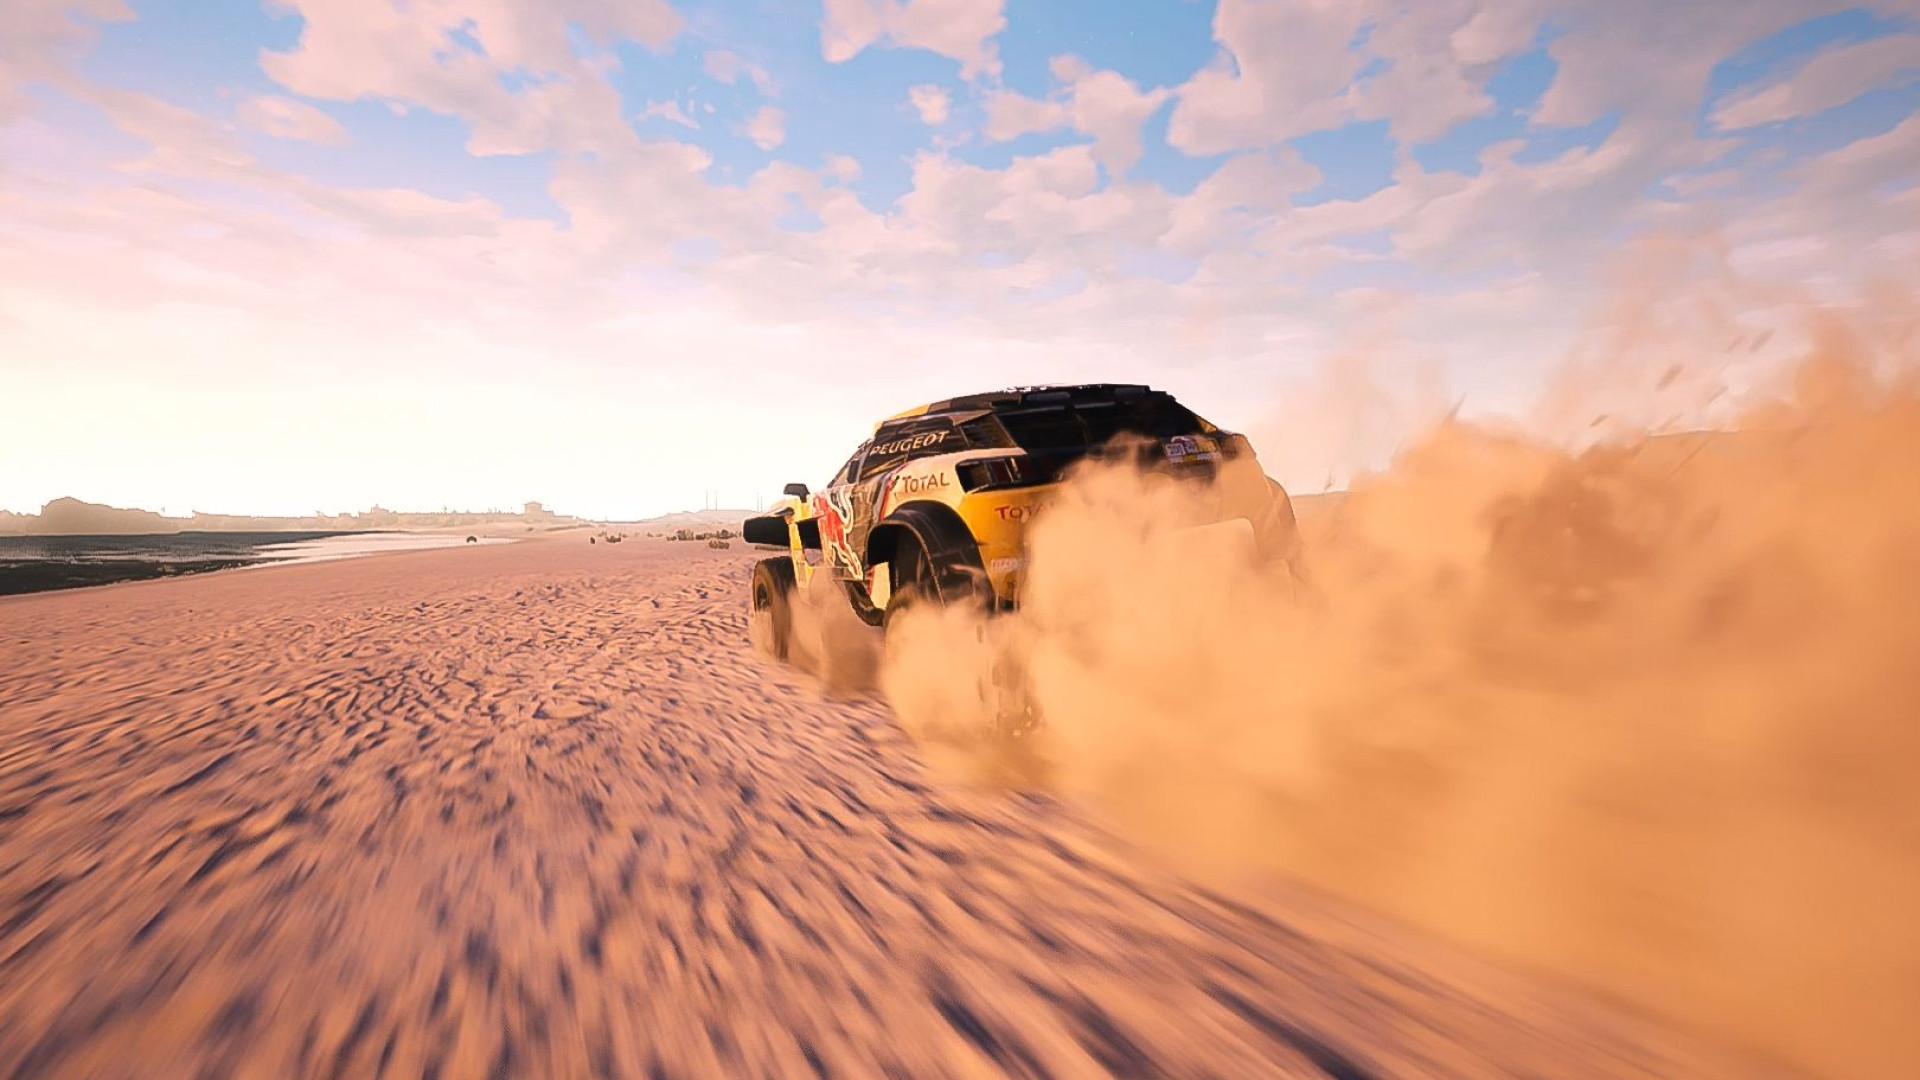 Estúdio português apresenta o jogo oficial do Dakar 2018. Veja o trailer